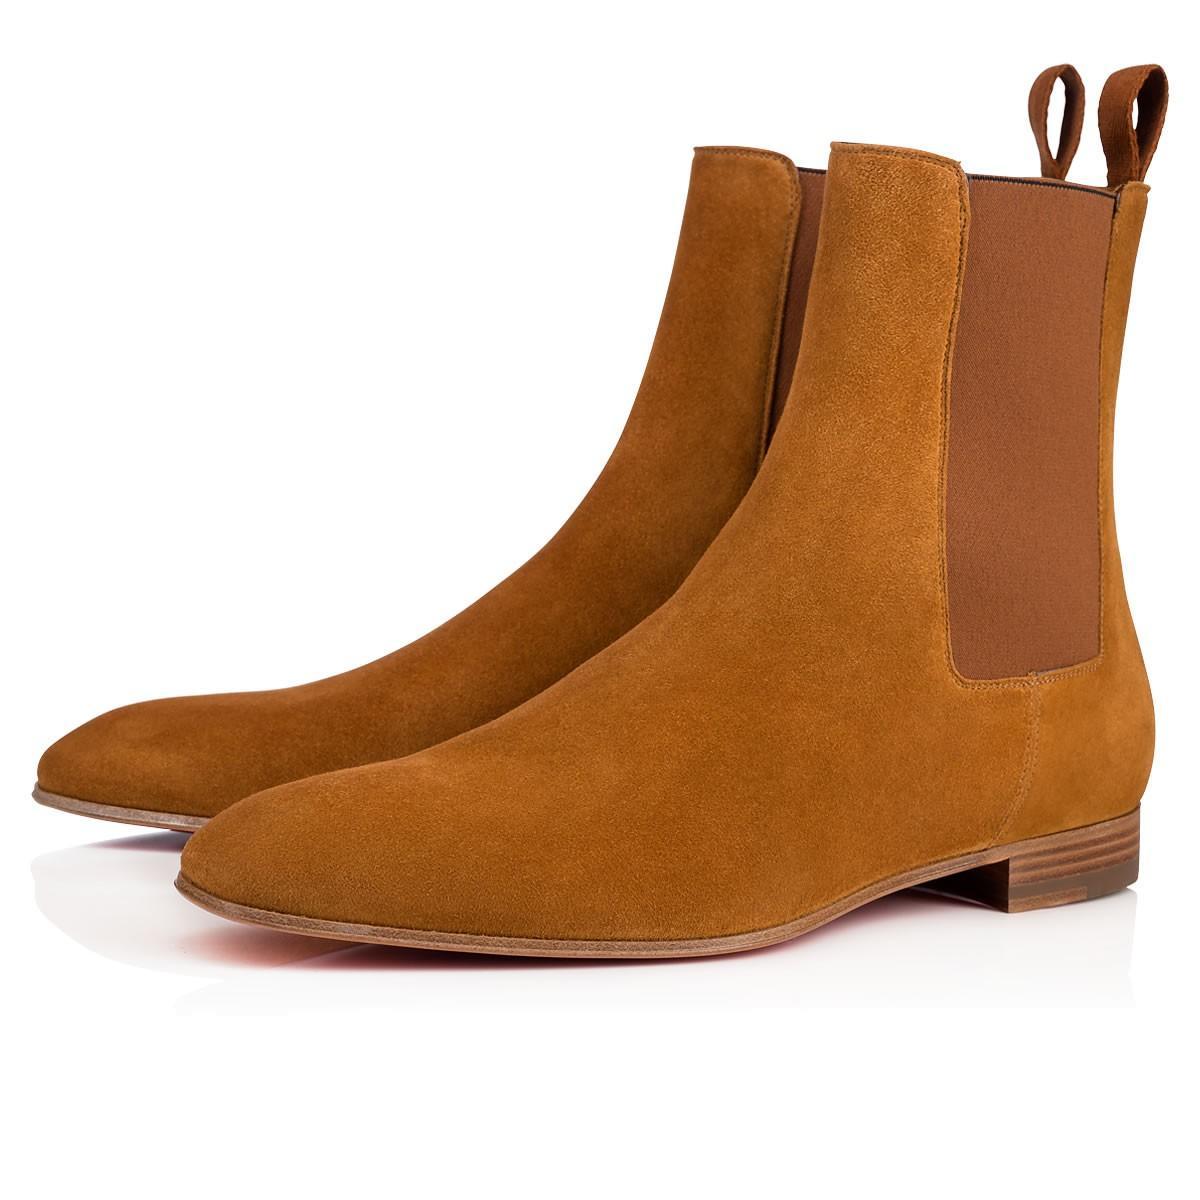 Sıcak Satış-ya Erkekler Bilek Boots Tasarım Rahat Gerçek Deri Mükemmel Parti Elbise Düğün Yürüyüş EU38-47